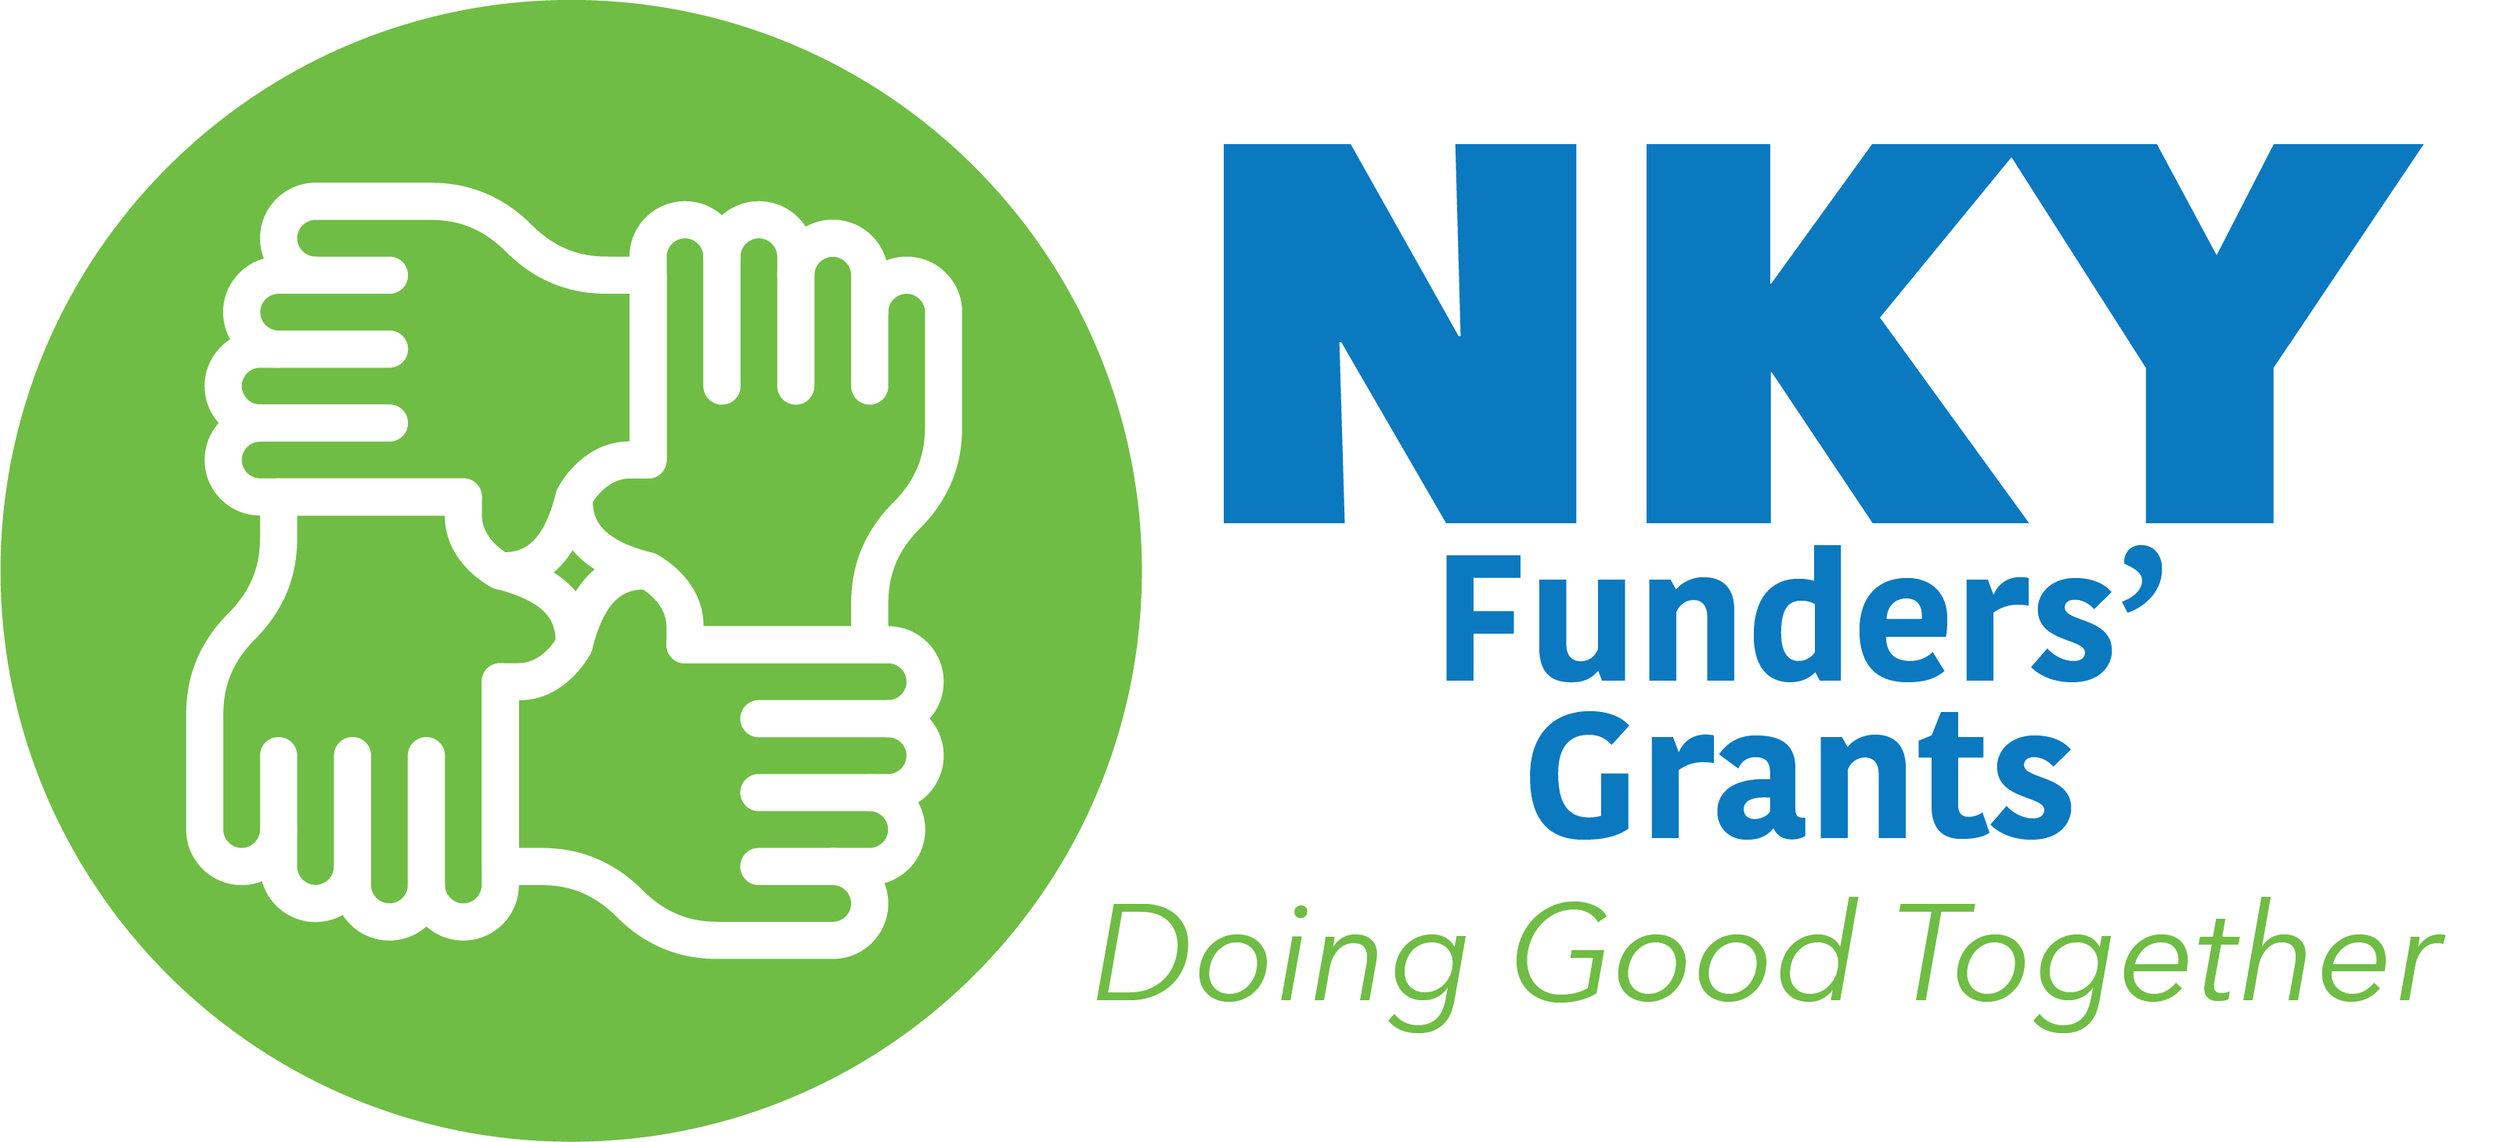 NKY Funders Grants 2018.jpg